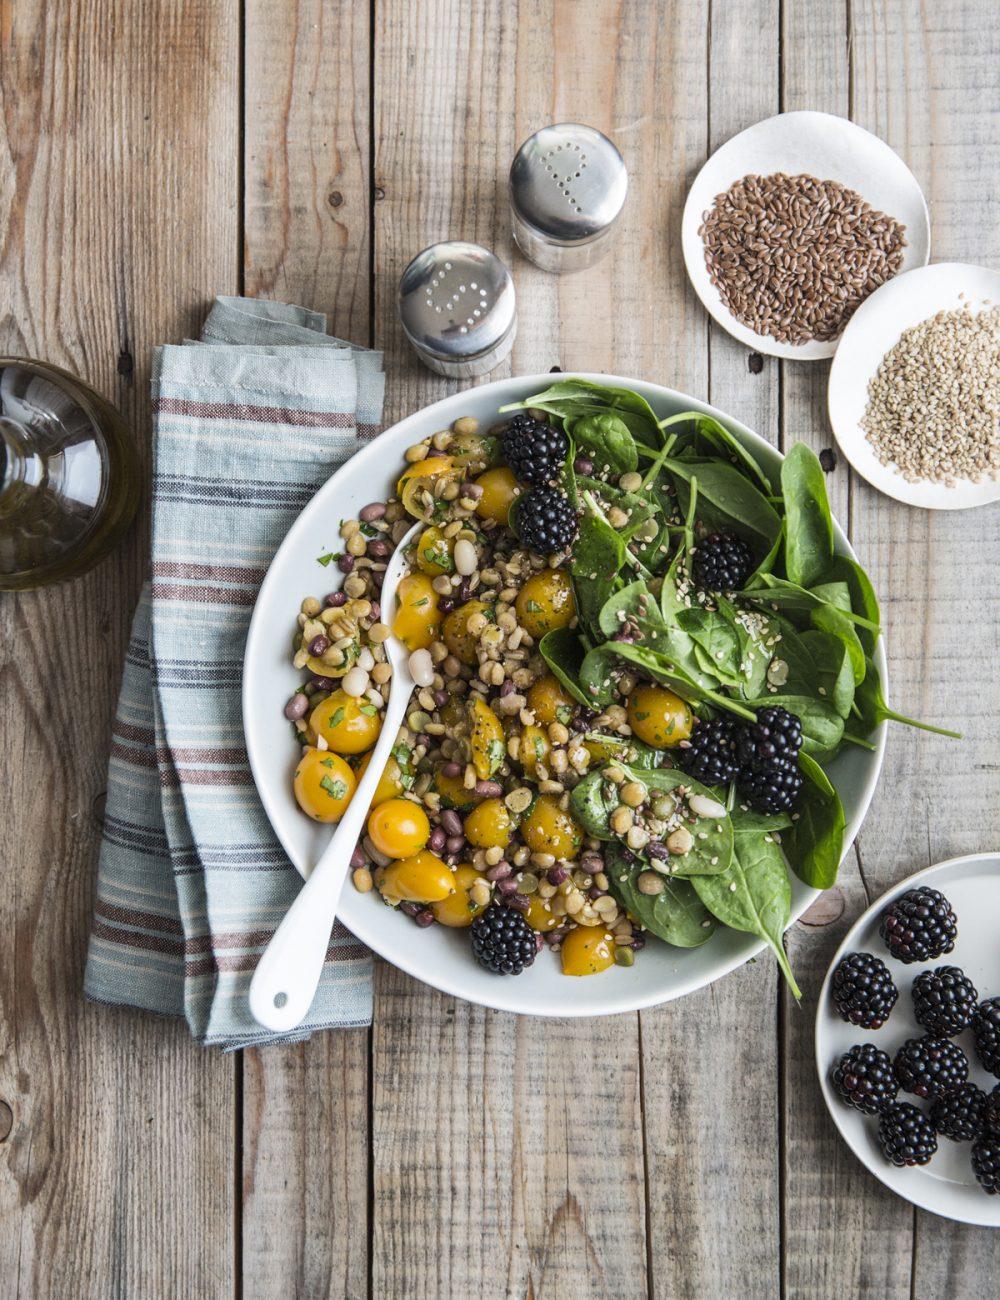 Insalata di Avena e legumi con datterini gialli, basilico, spinacino, more e semi | Rossella Venezia